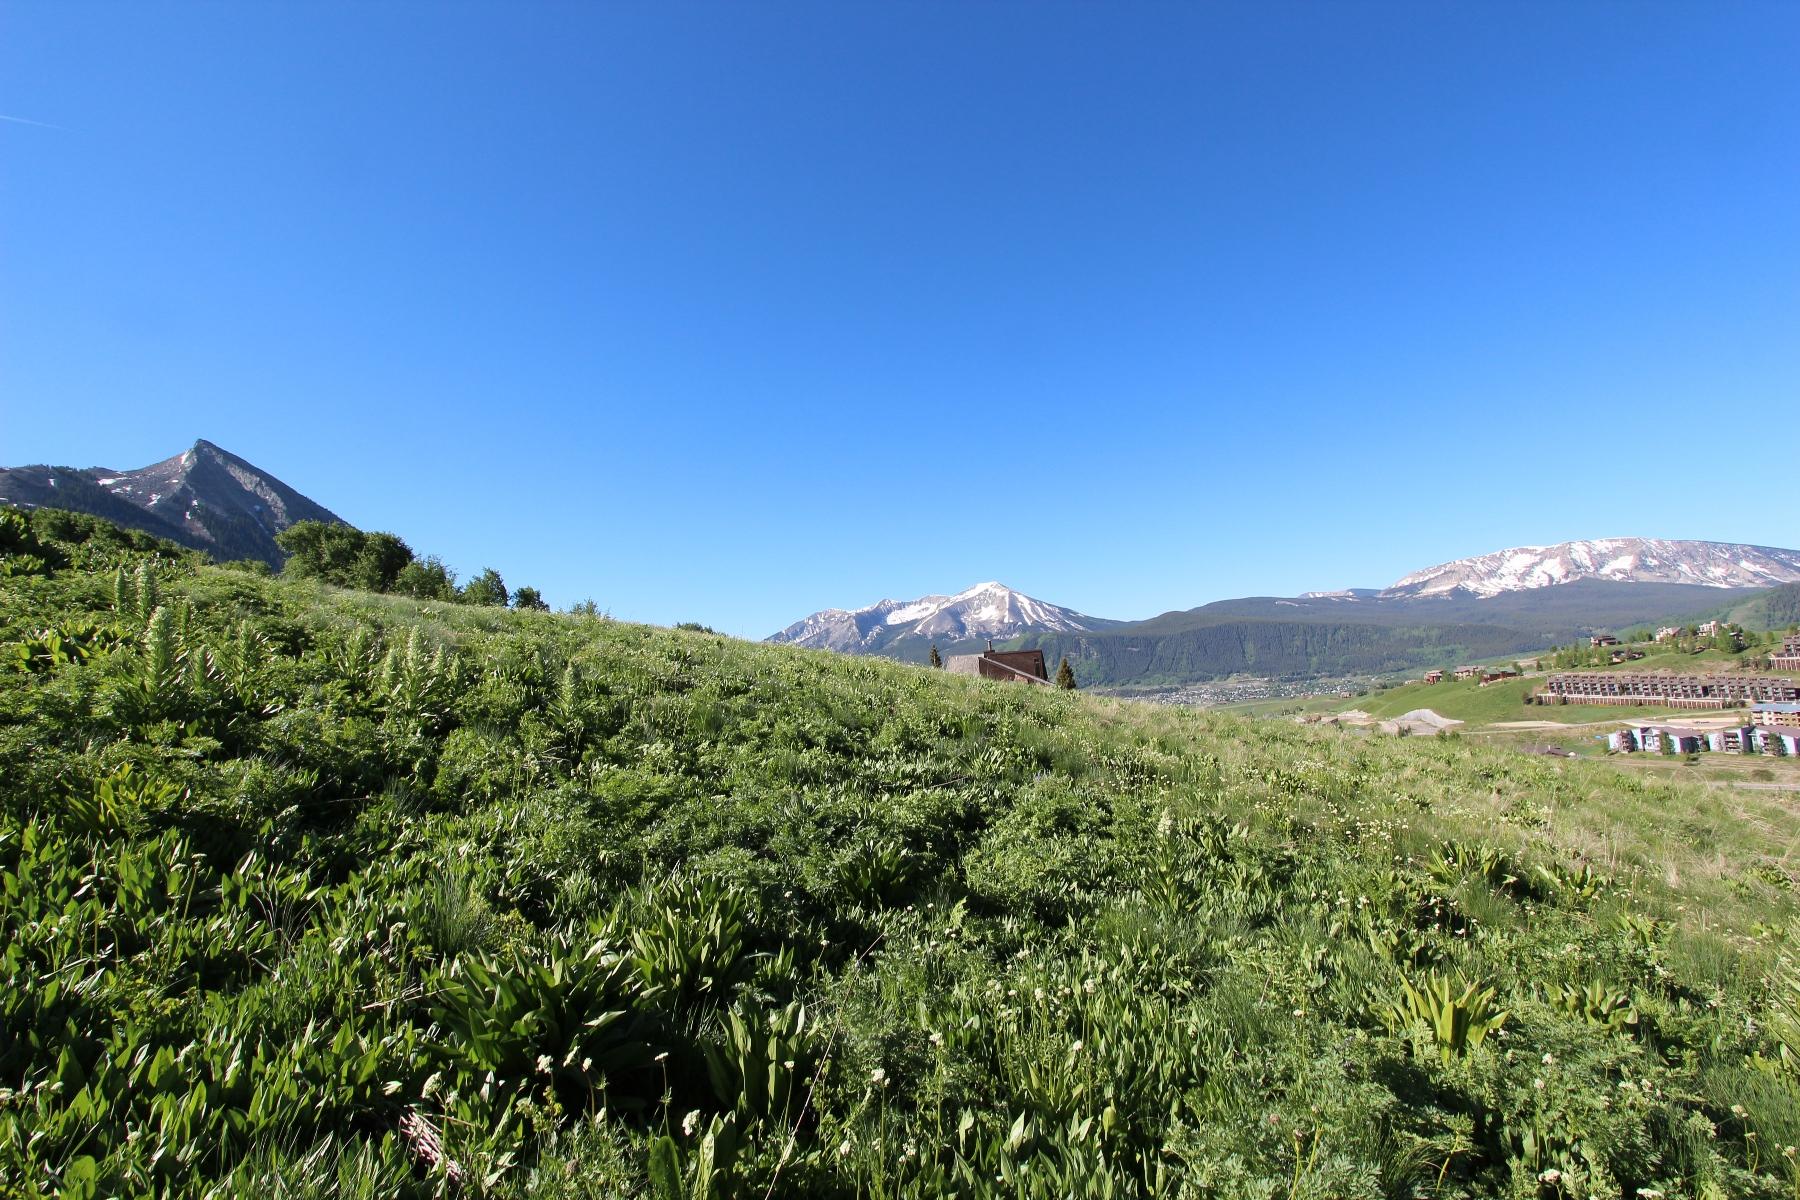 Propiedad en venta Mount Crested Butte